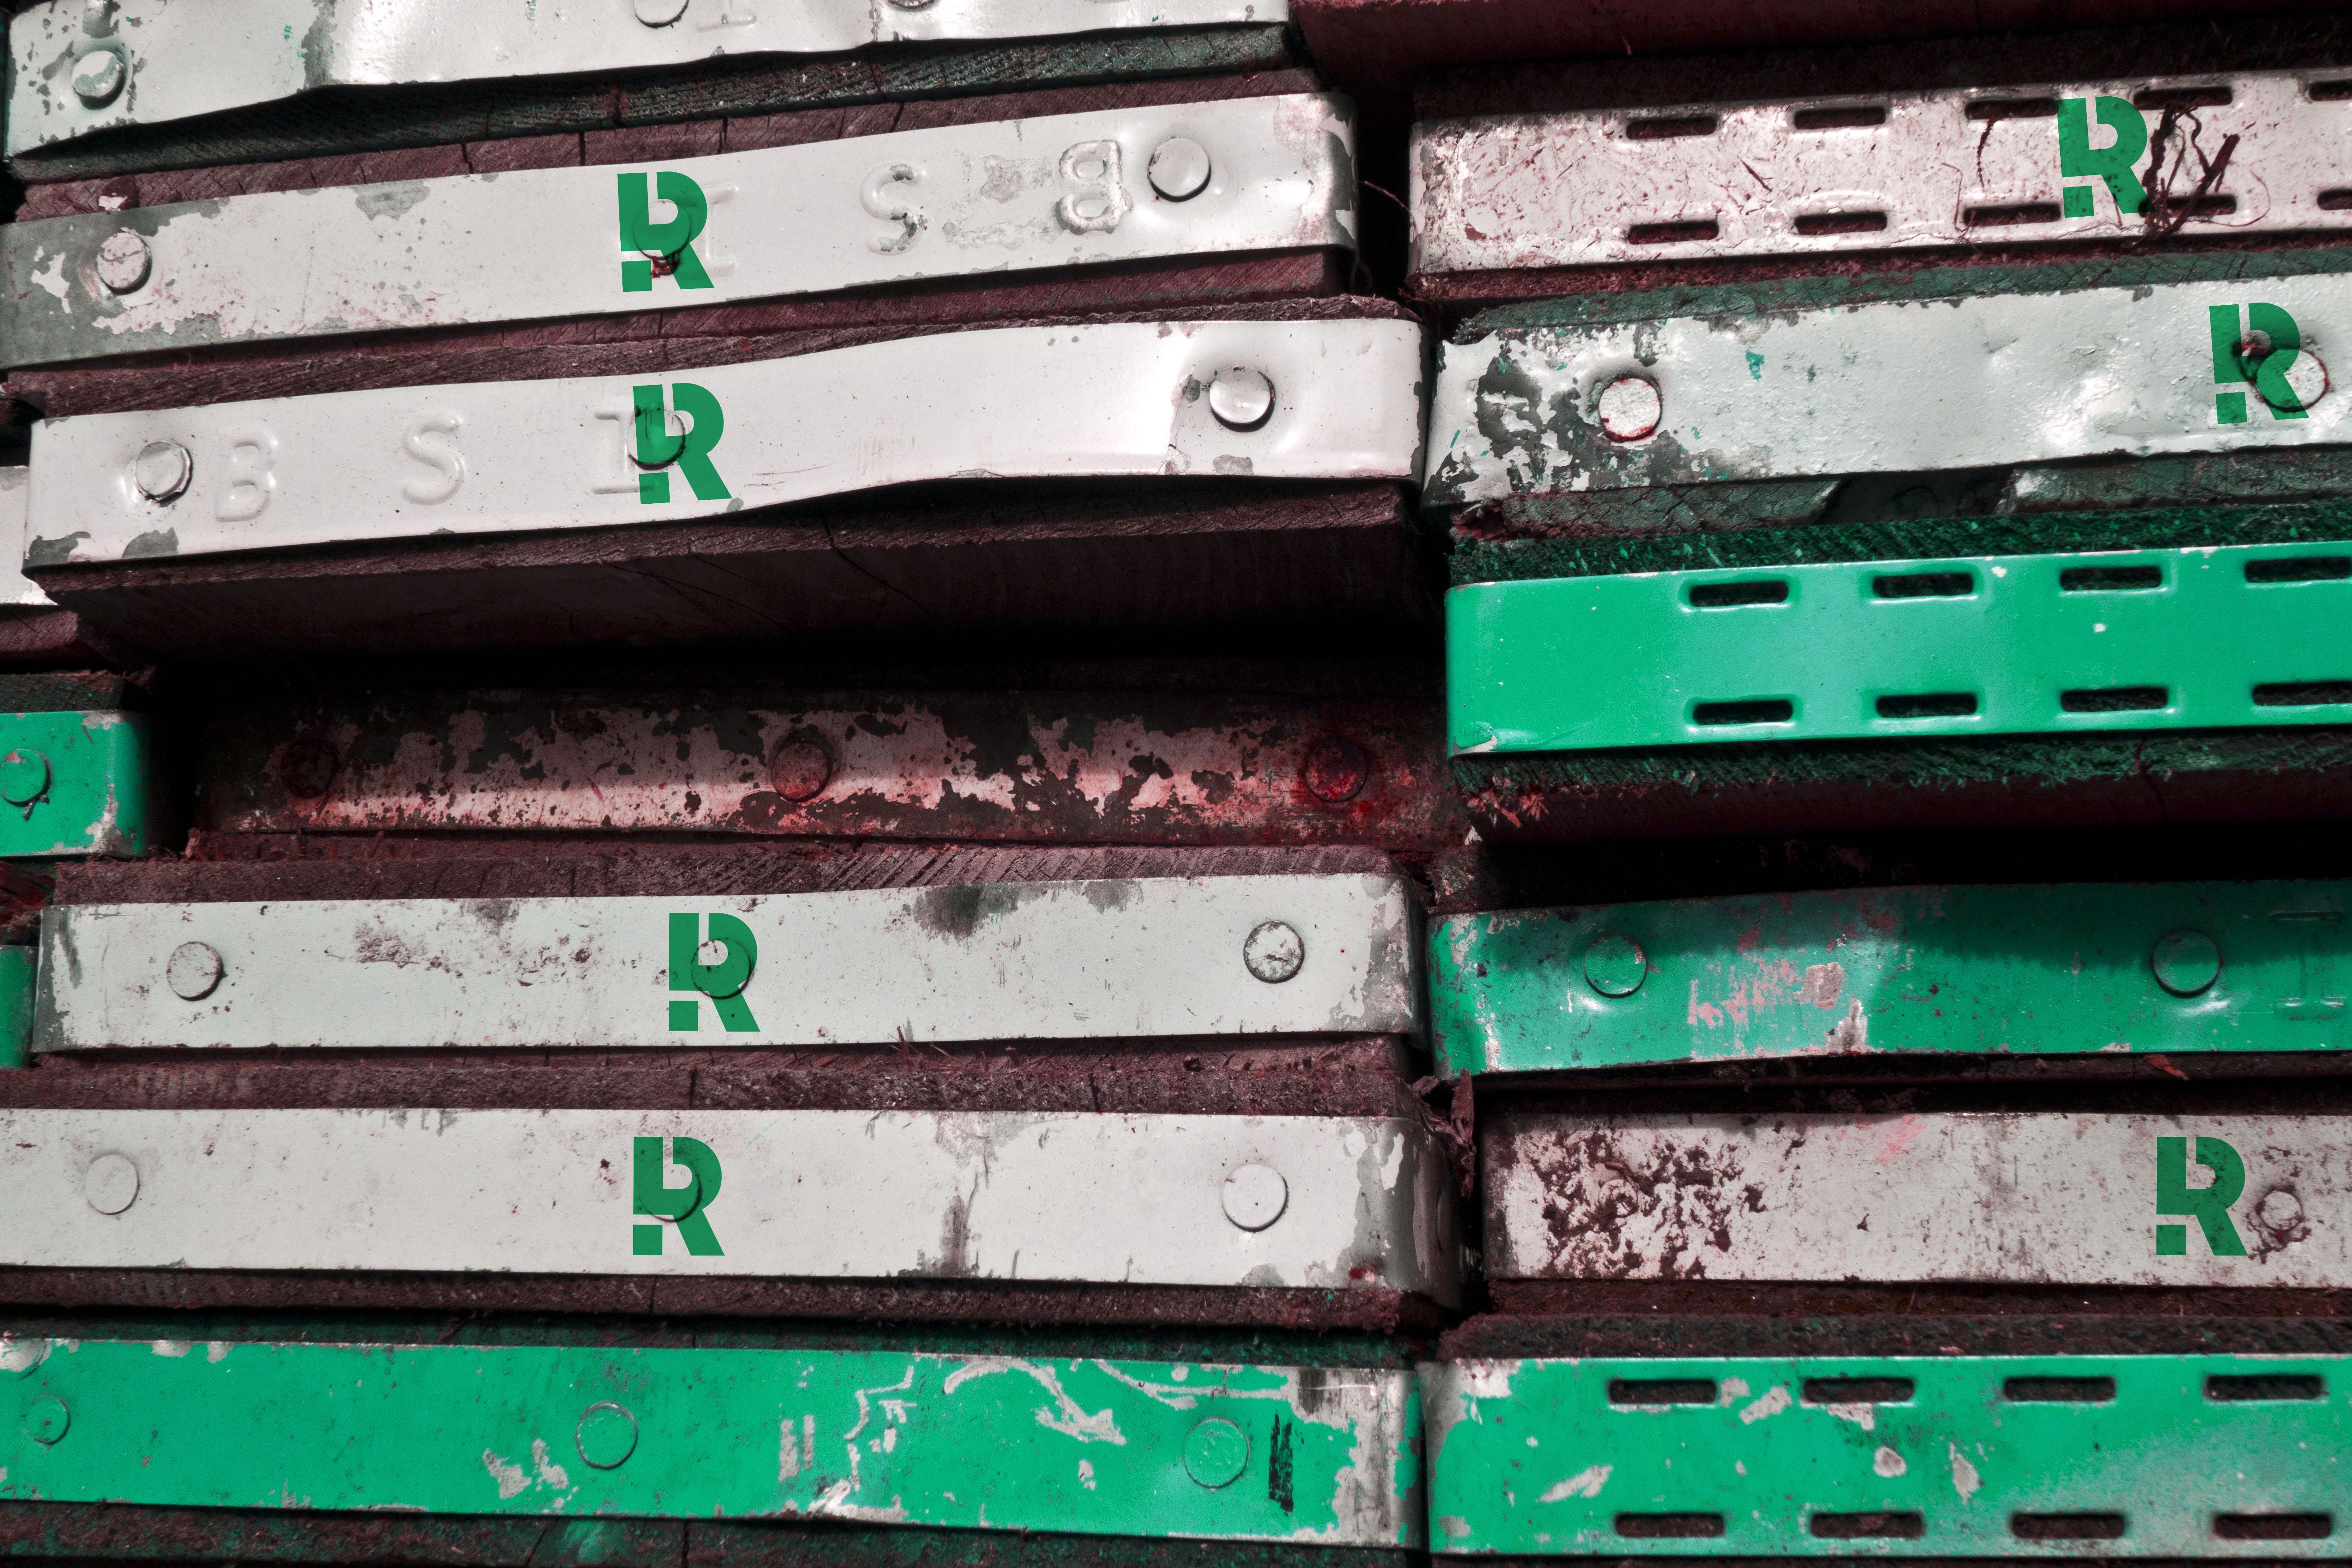 Das neue Signet der Rengers Hochbaugesellschaft auf Gerüstbrettern